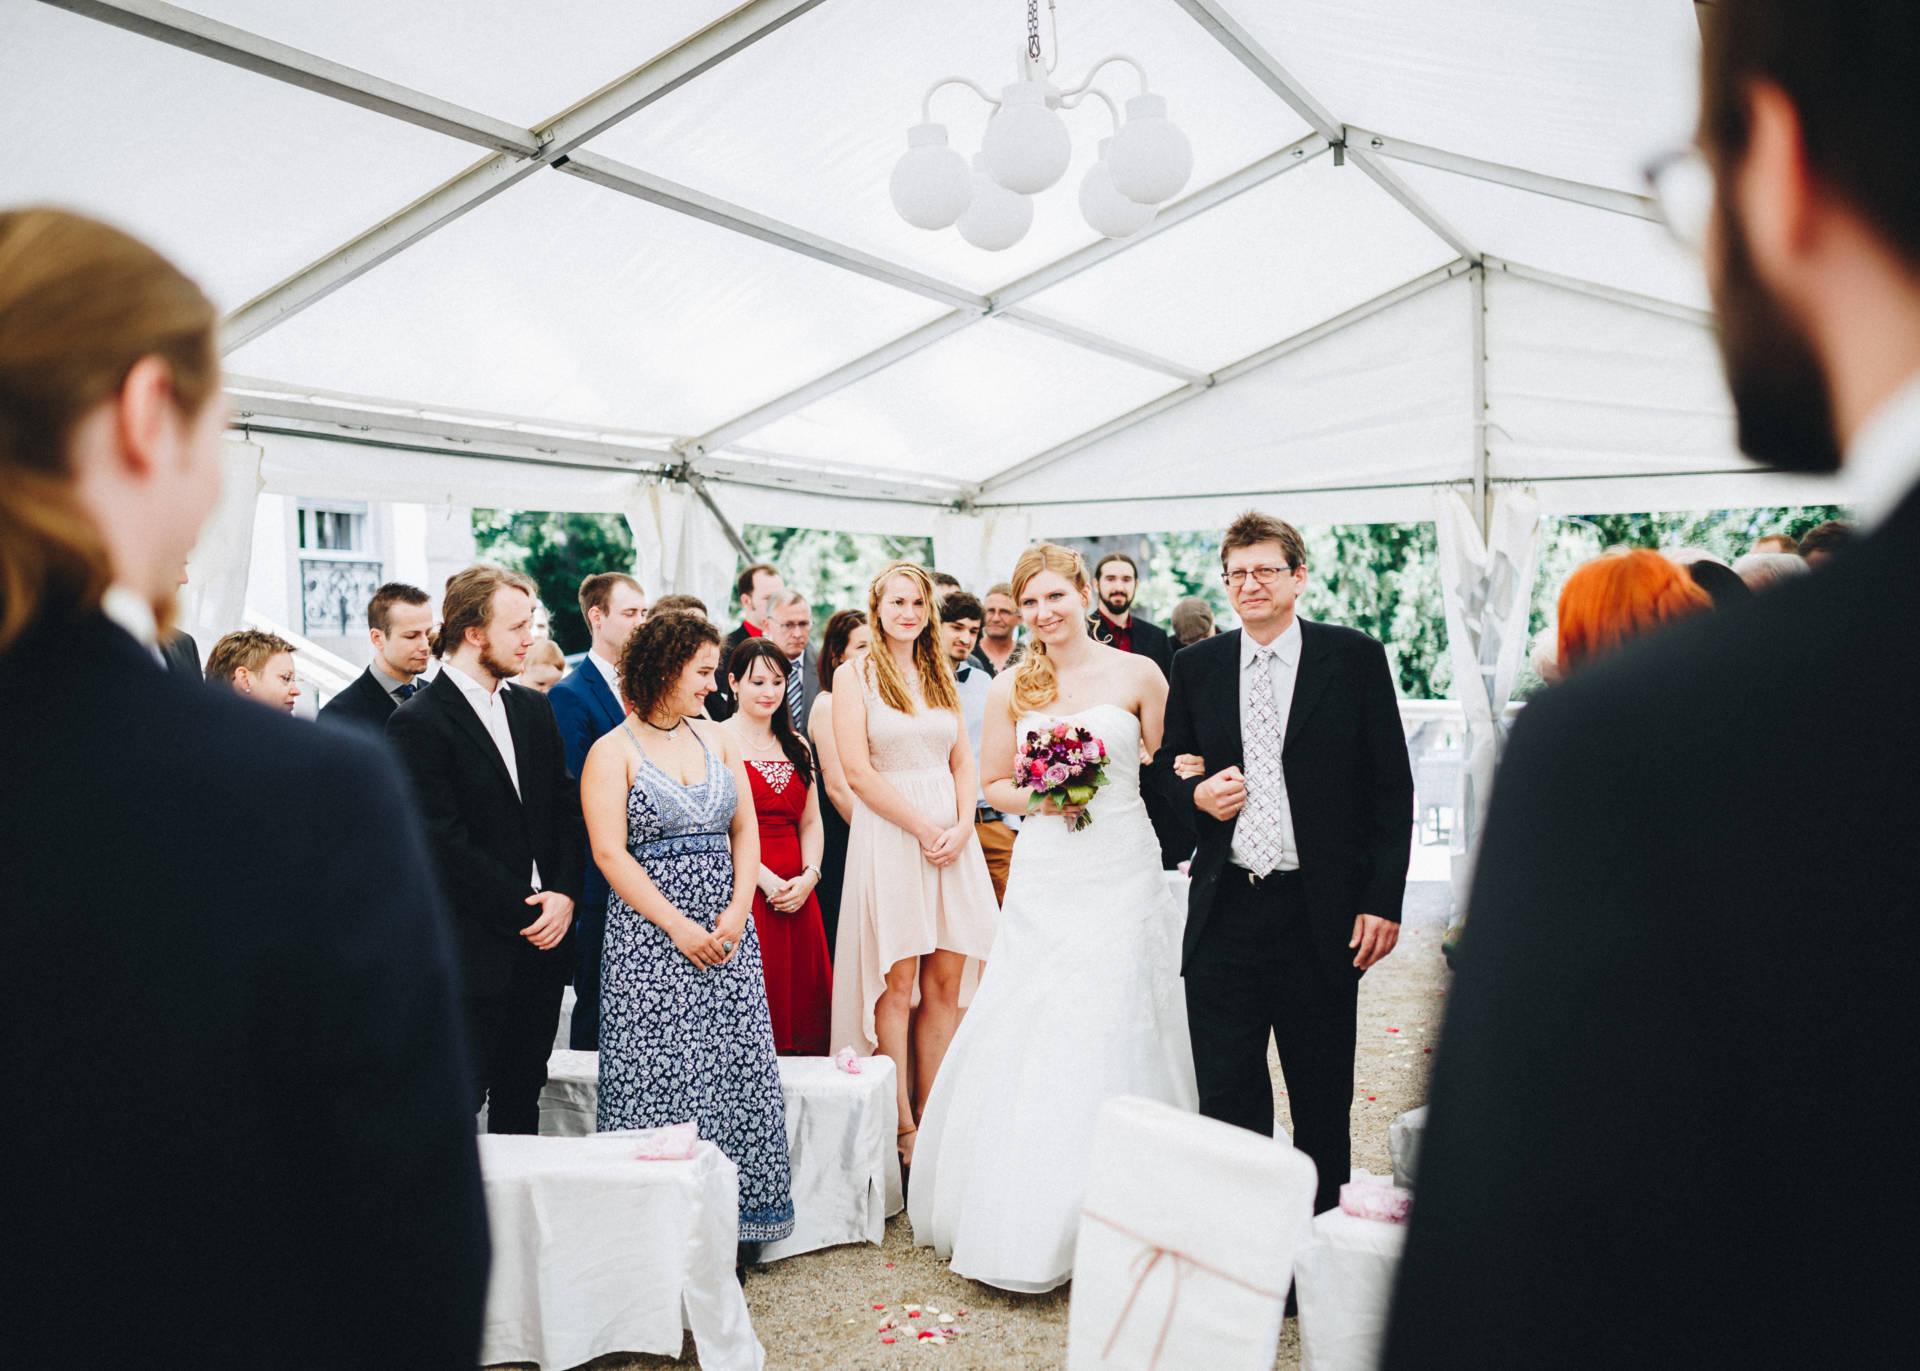 50mmfreunde Hochzeit Poesneck VillaAltenburg 03 - Freie Trauung in der Villa Altenburg